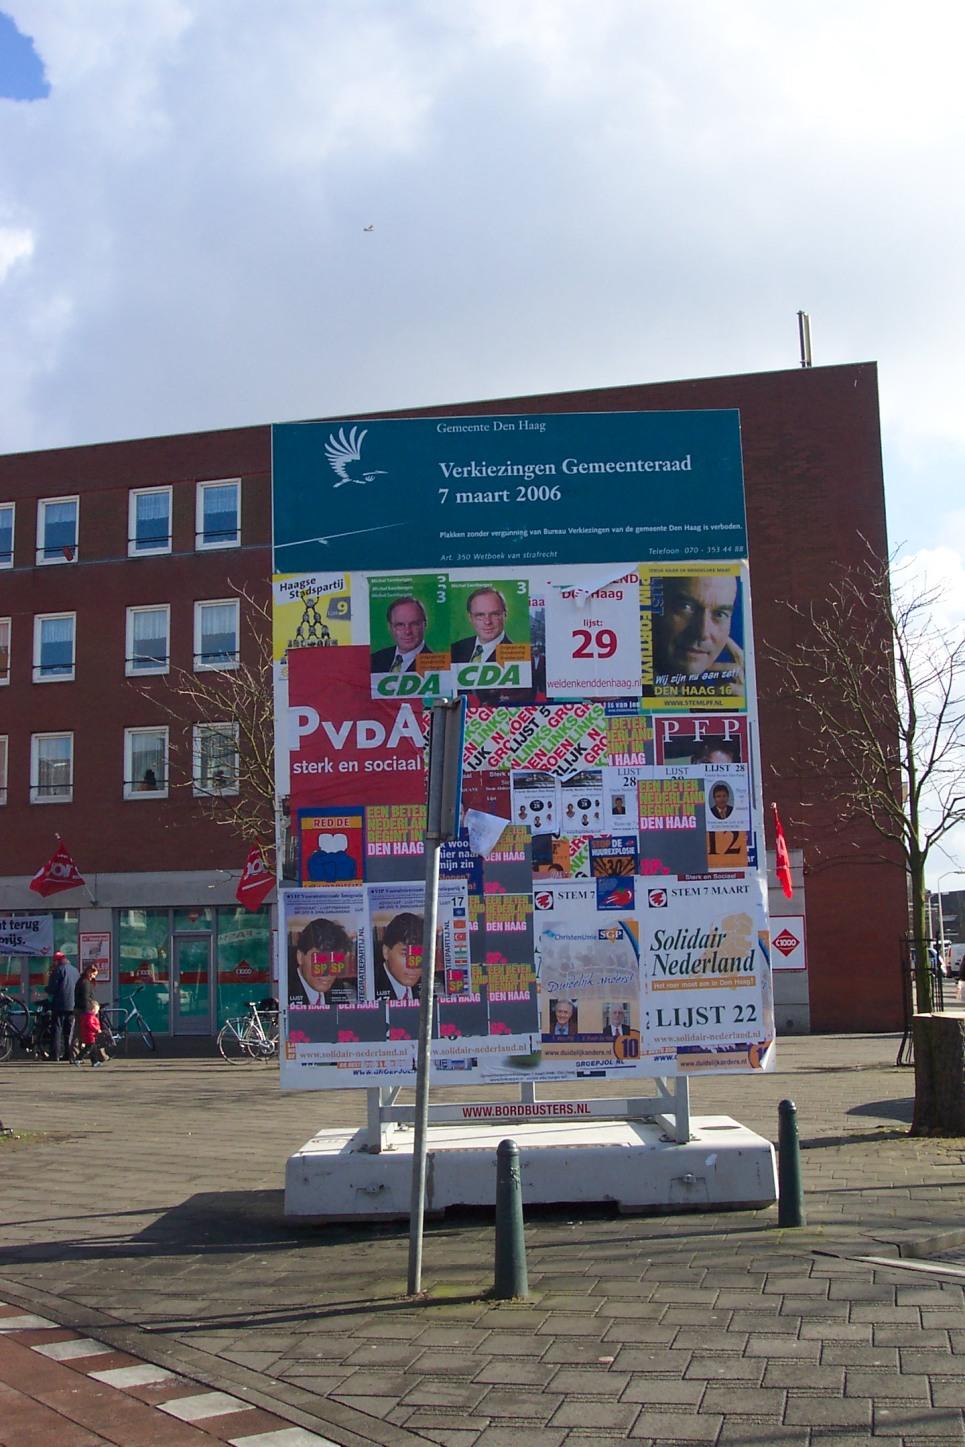 Verkiezingen 2006 gemeente